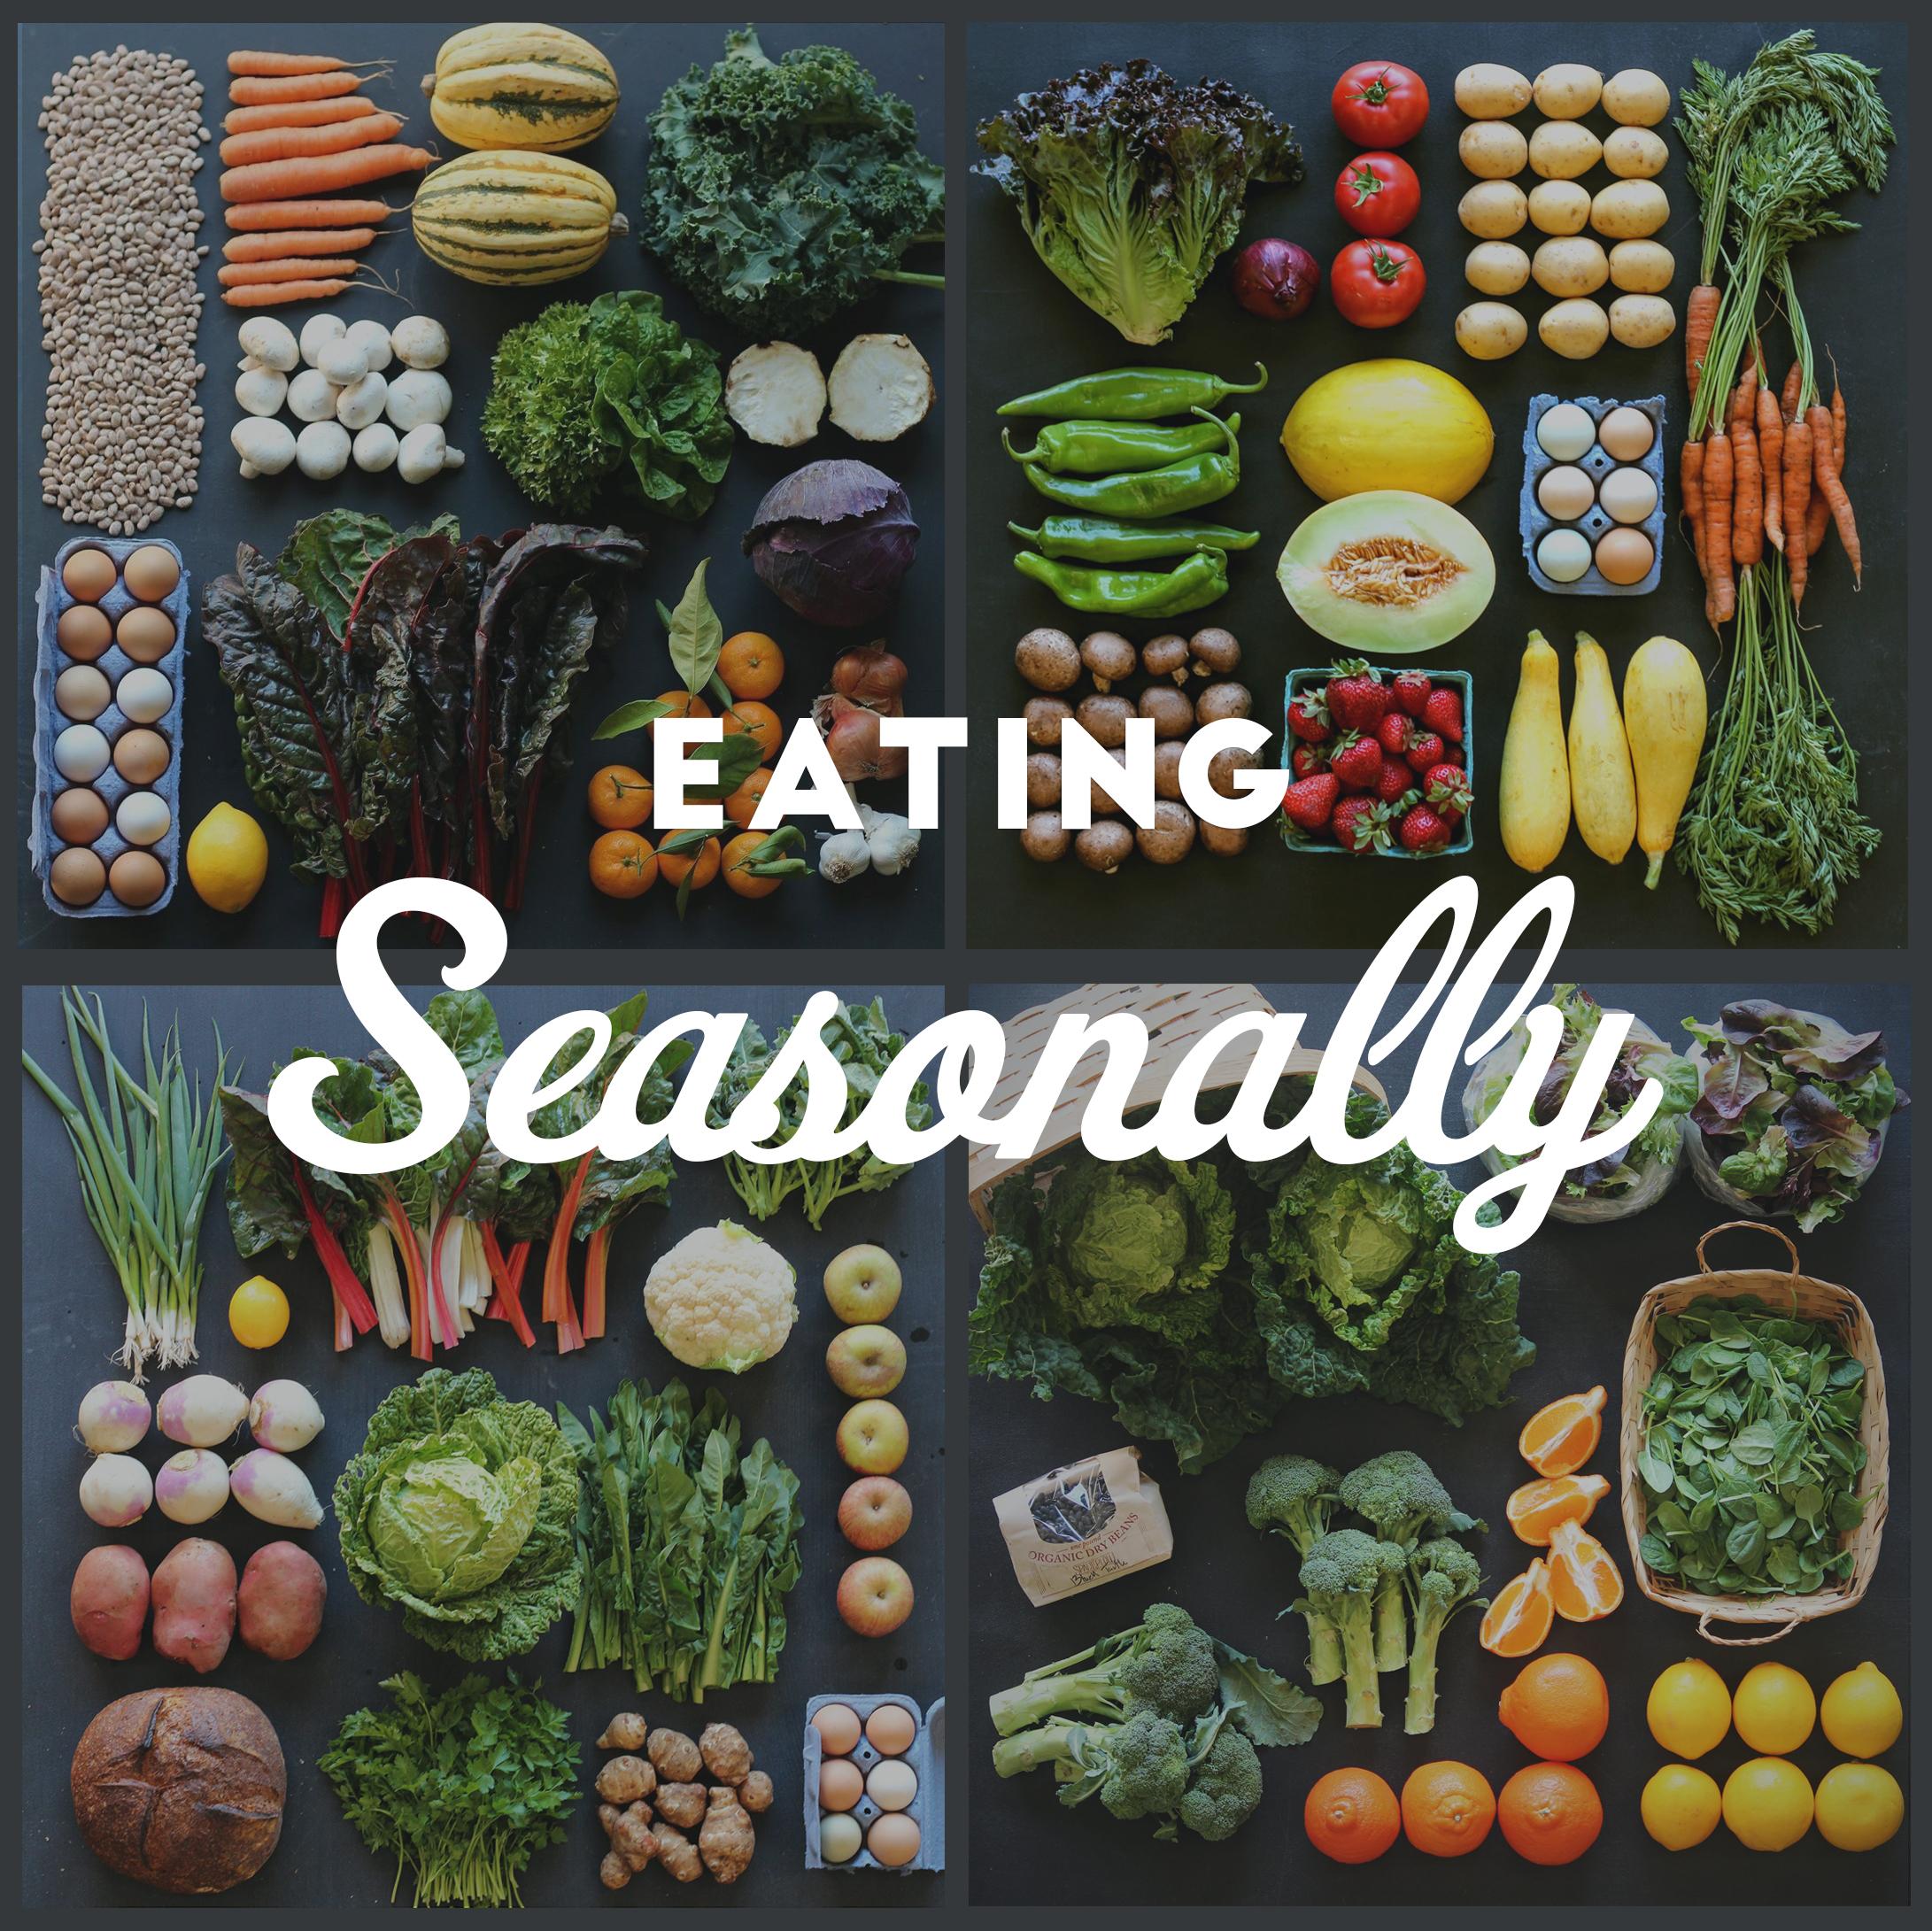 eating seasonally 2.jpg